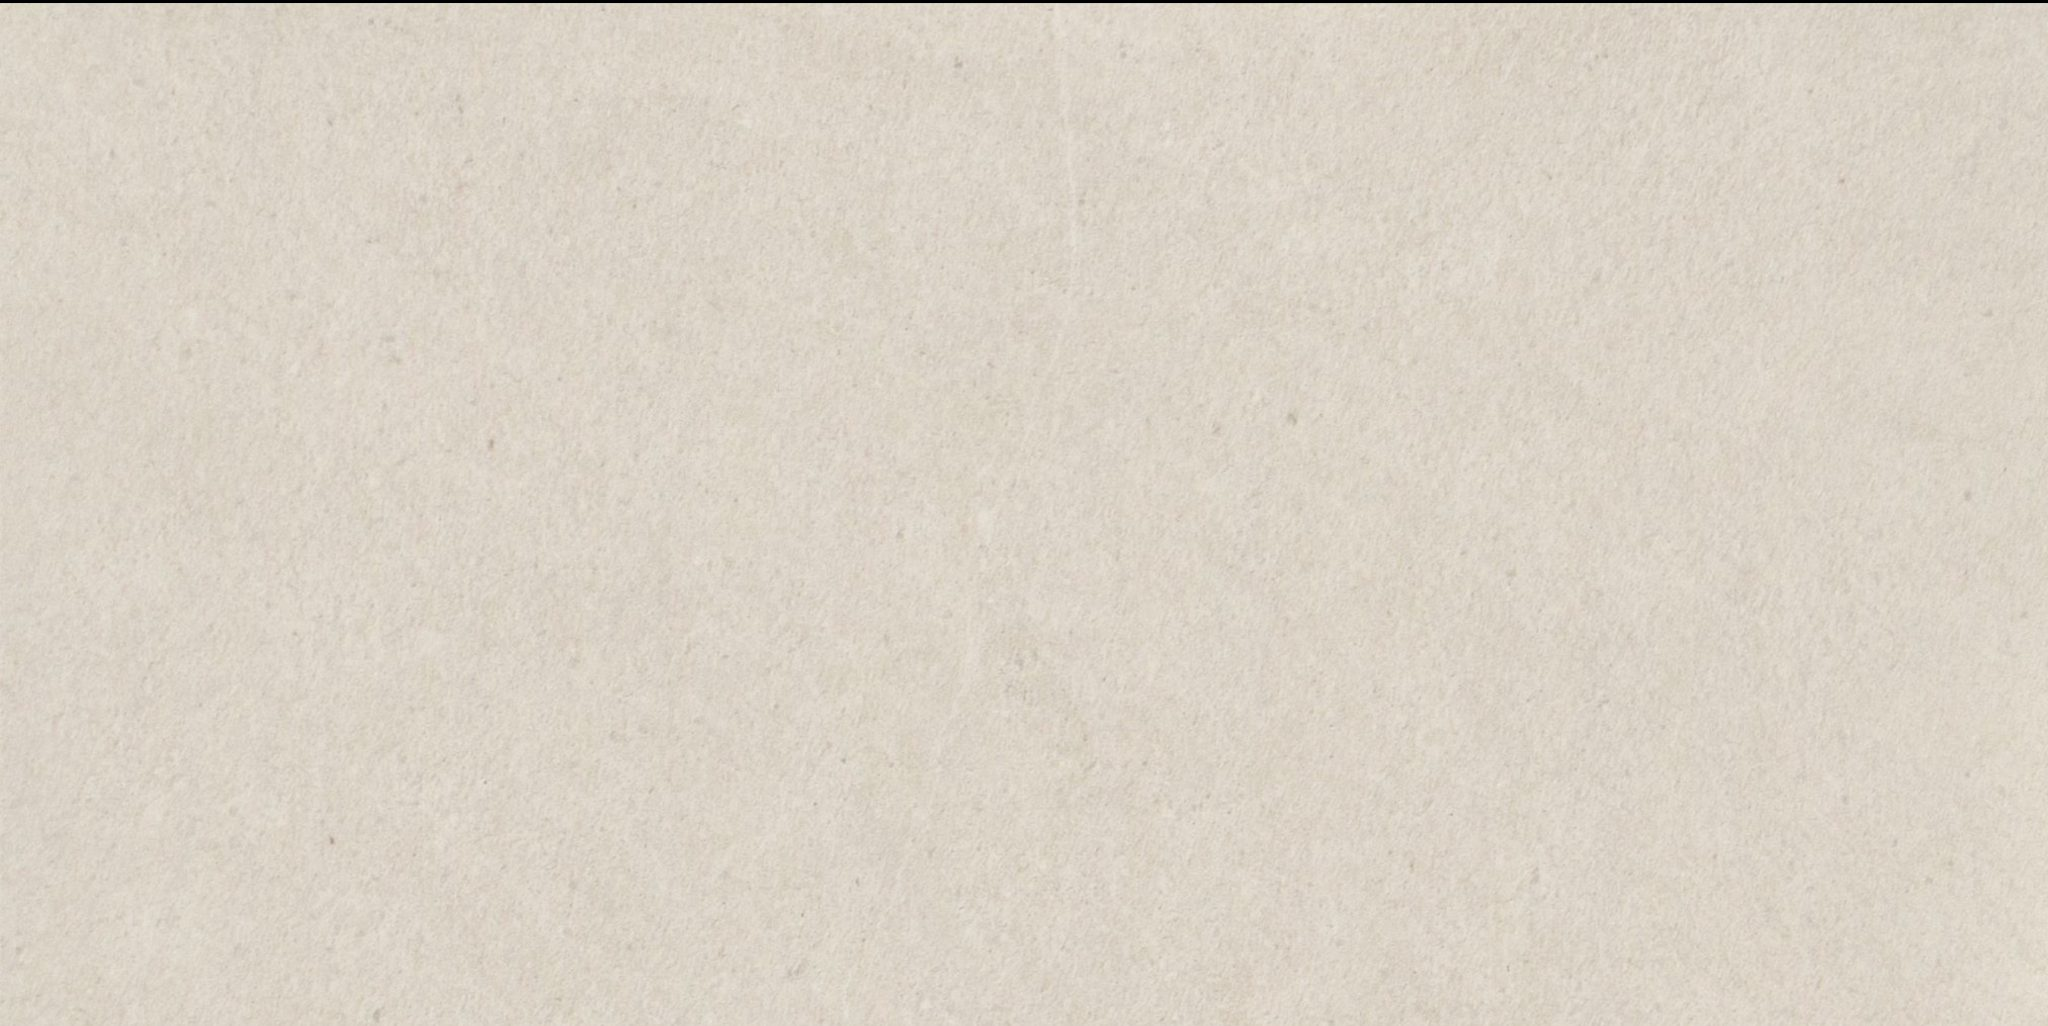 קרמיקה חיפוי קירות NEWKER - QSTONE - IVORY 40x120 תוצרת ספרד